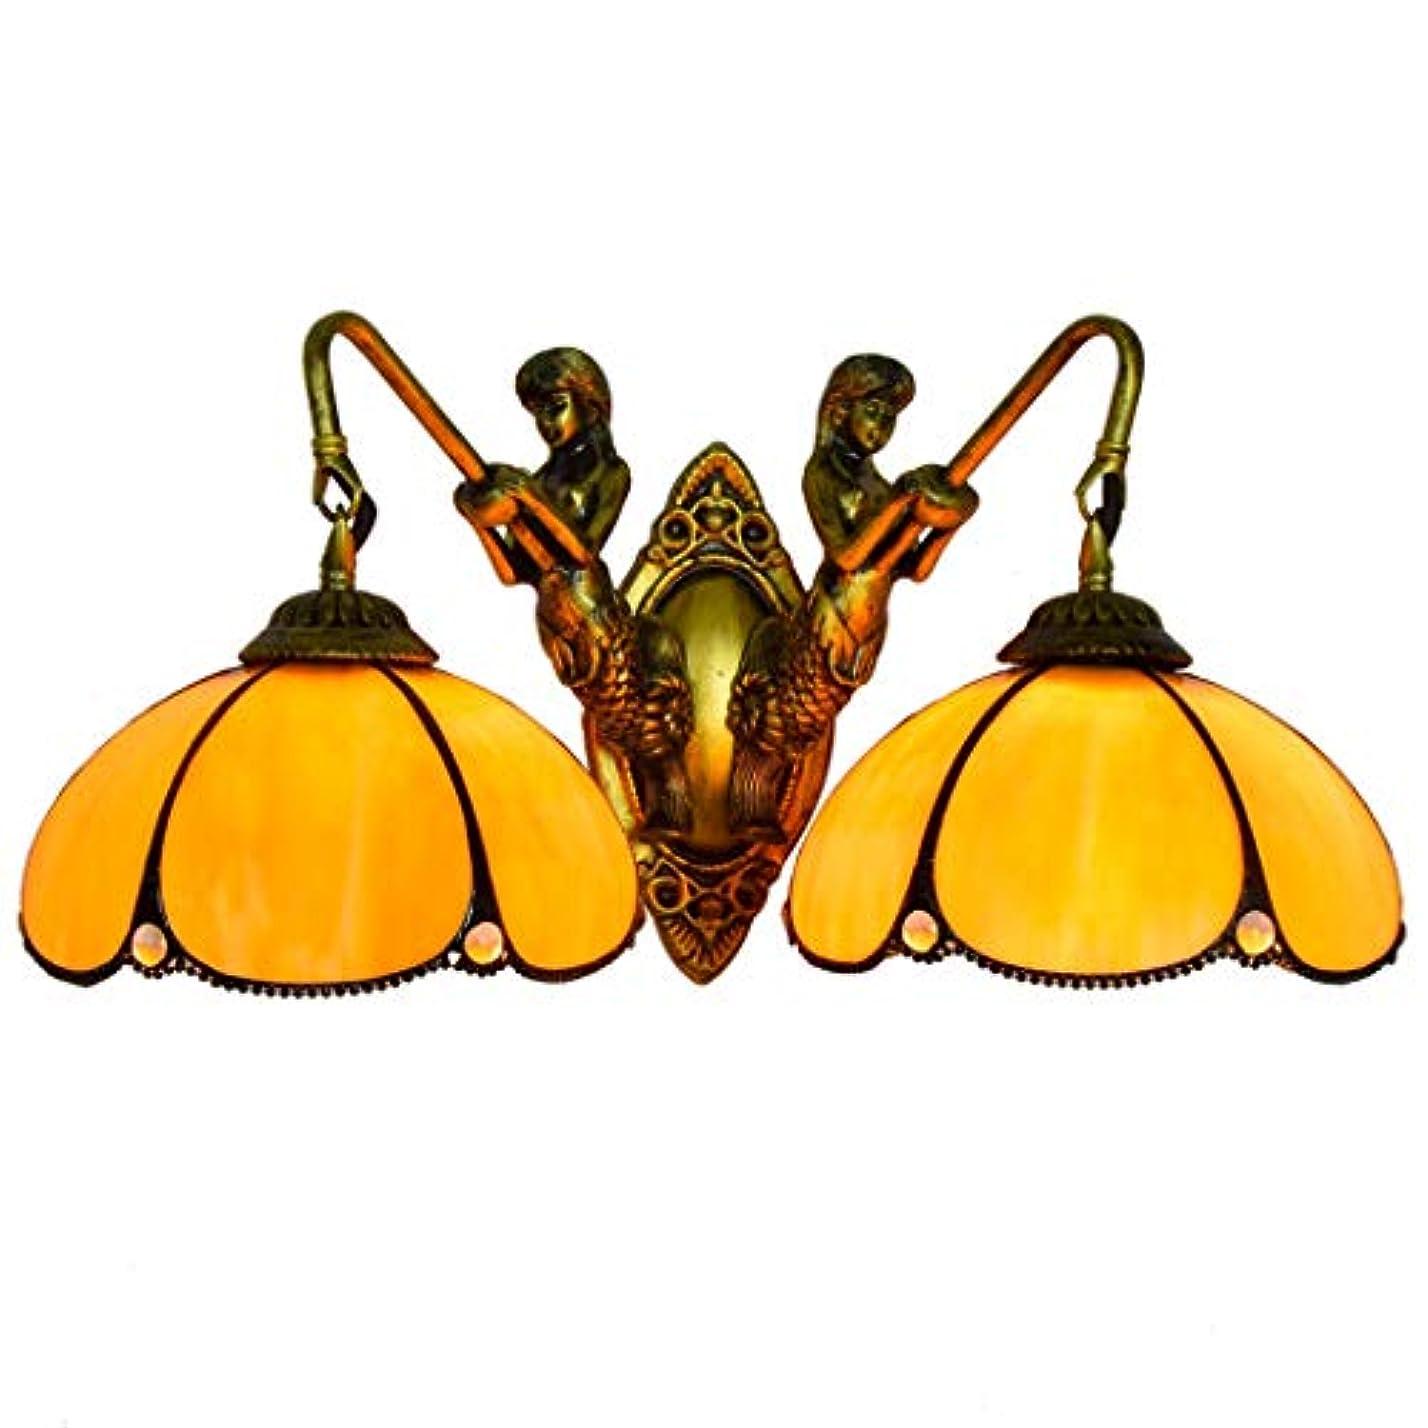 欺アラブ人咳ティファニースタイルウォールランプシンプルな黄色ハーフベンドガラスシェード寝室のベッドサイドの壁ライトリビングルーム研究、E27のアンティーク樹脂ベース,110v,8Inch